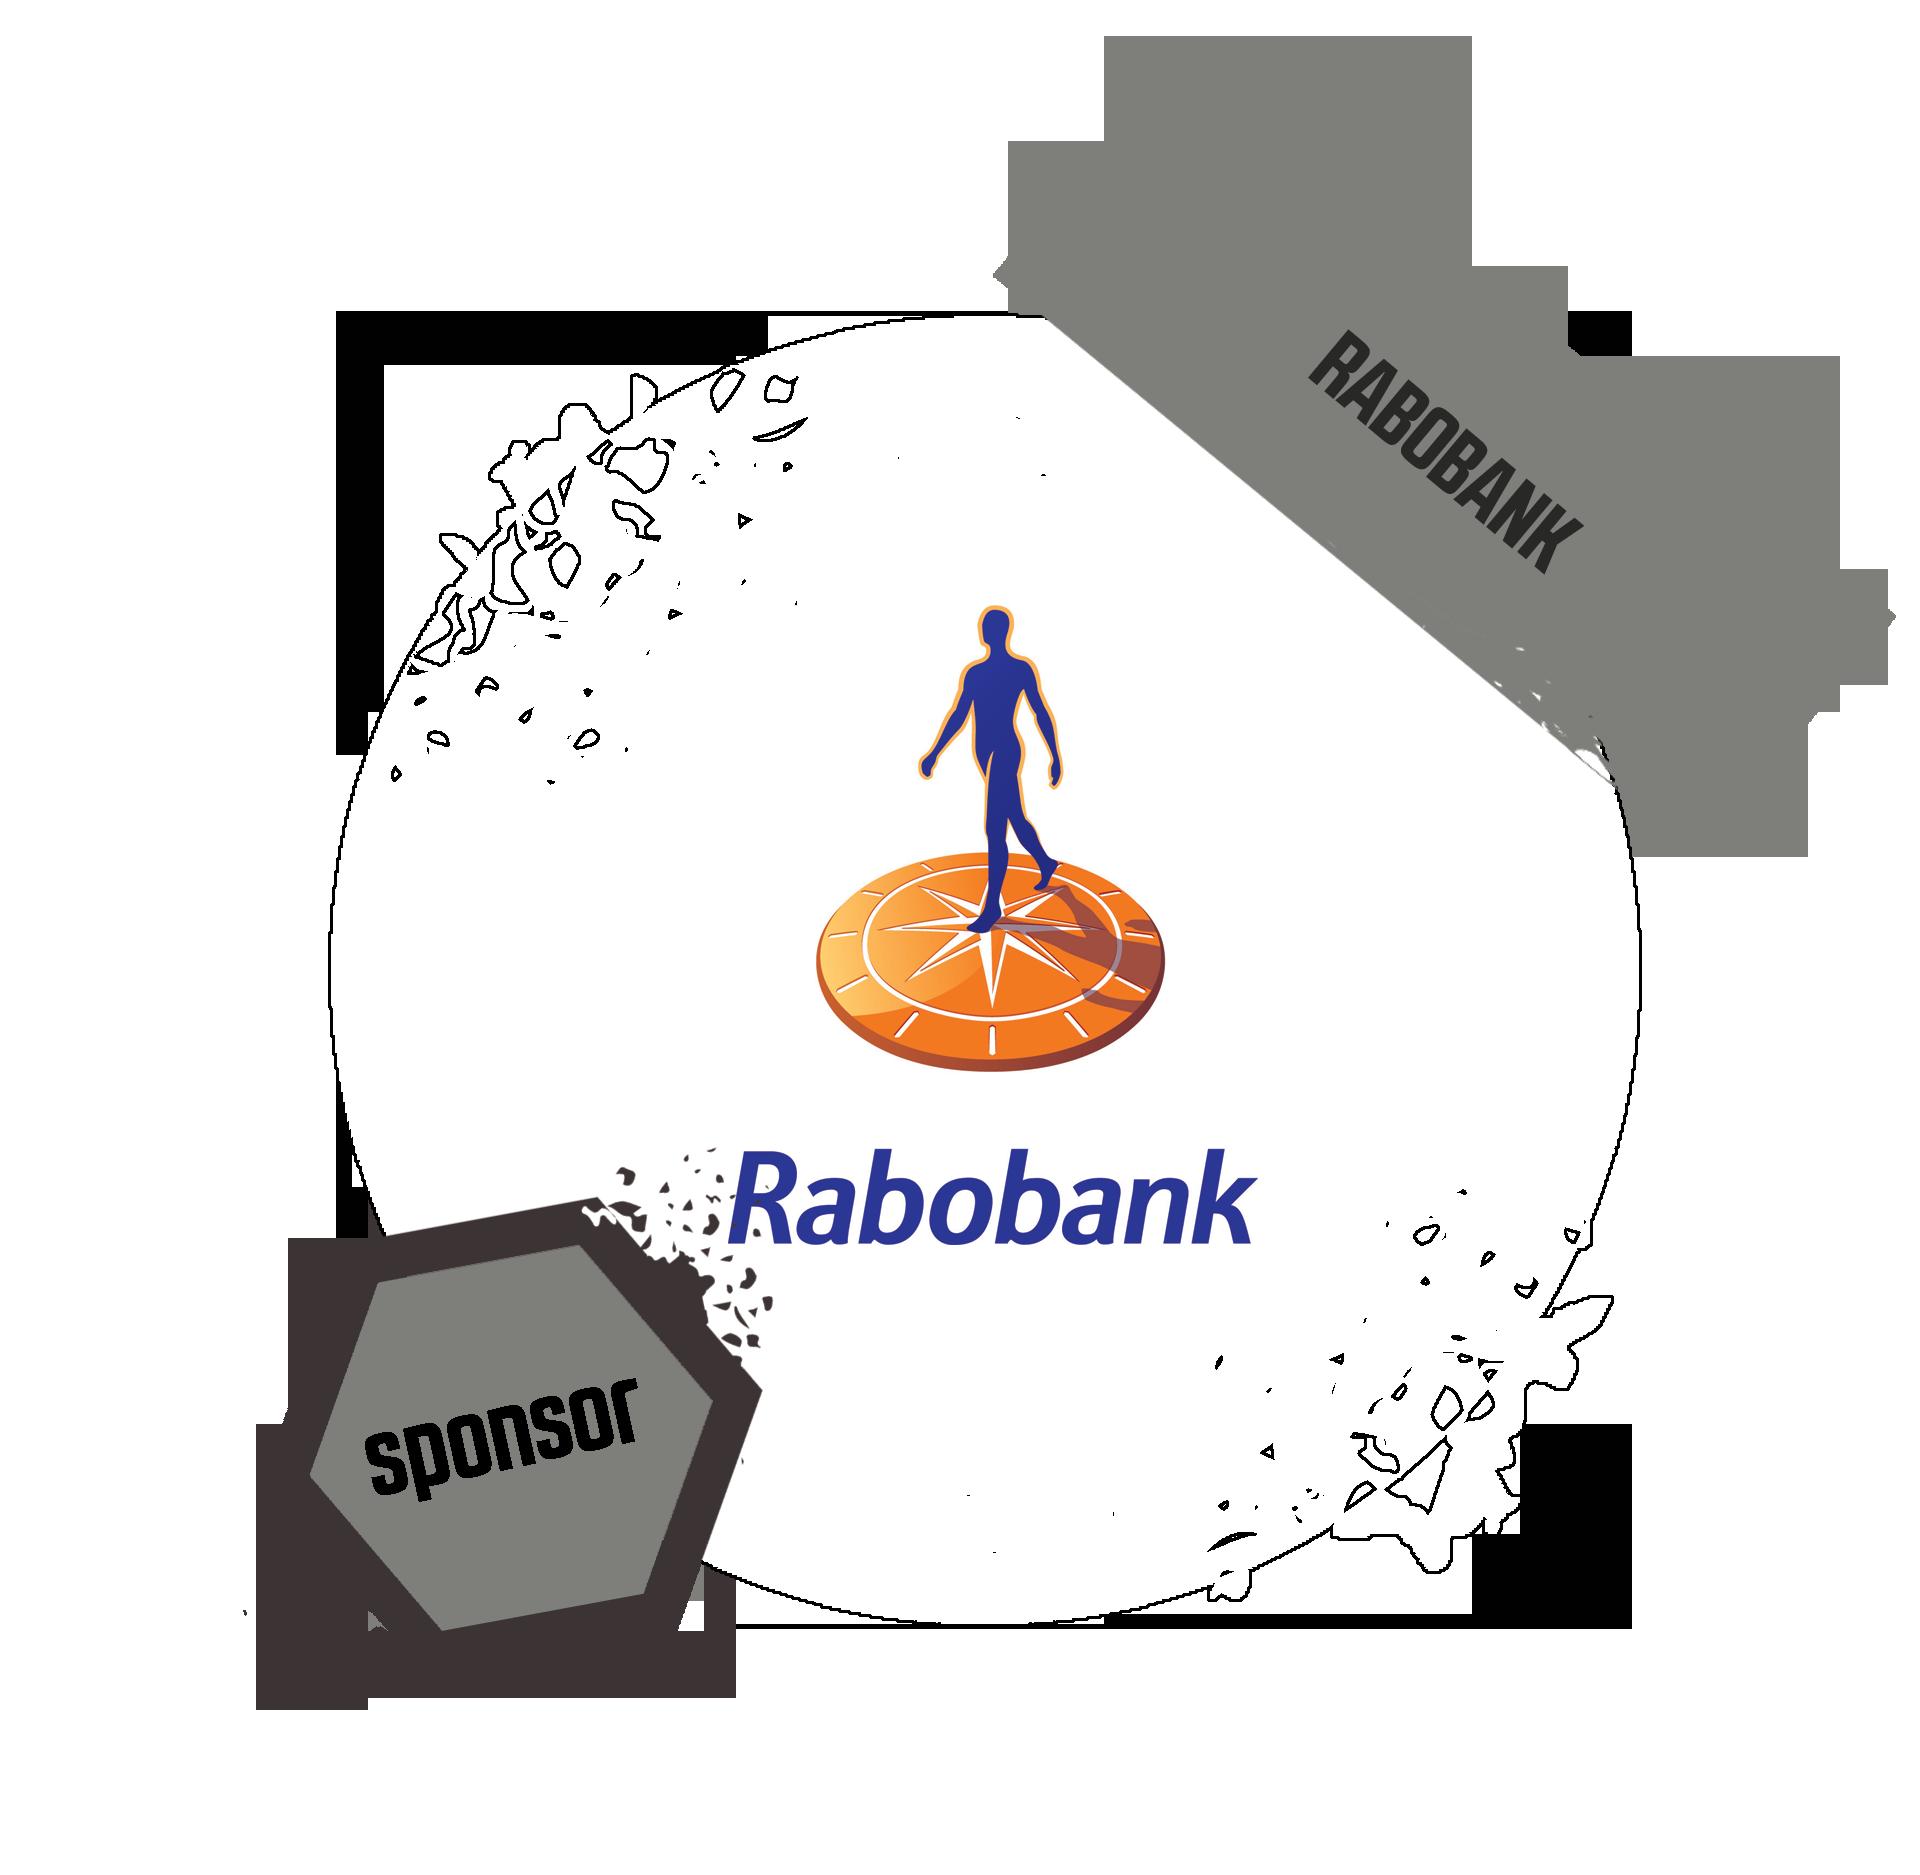 </p> <p><center>Rabobank</center>